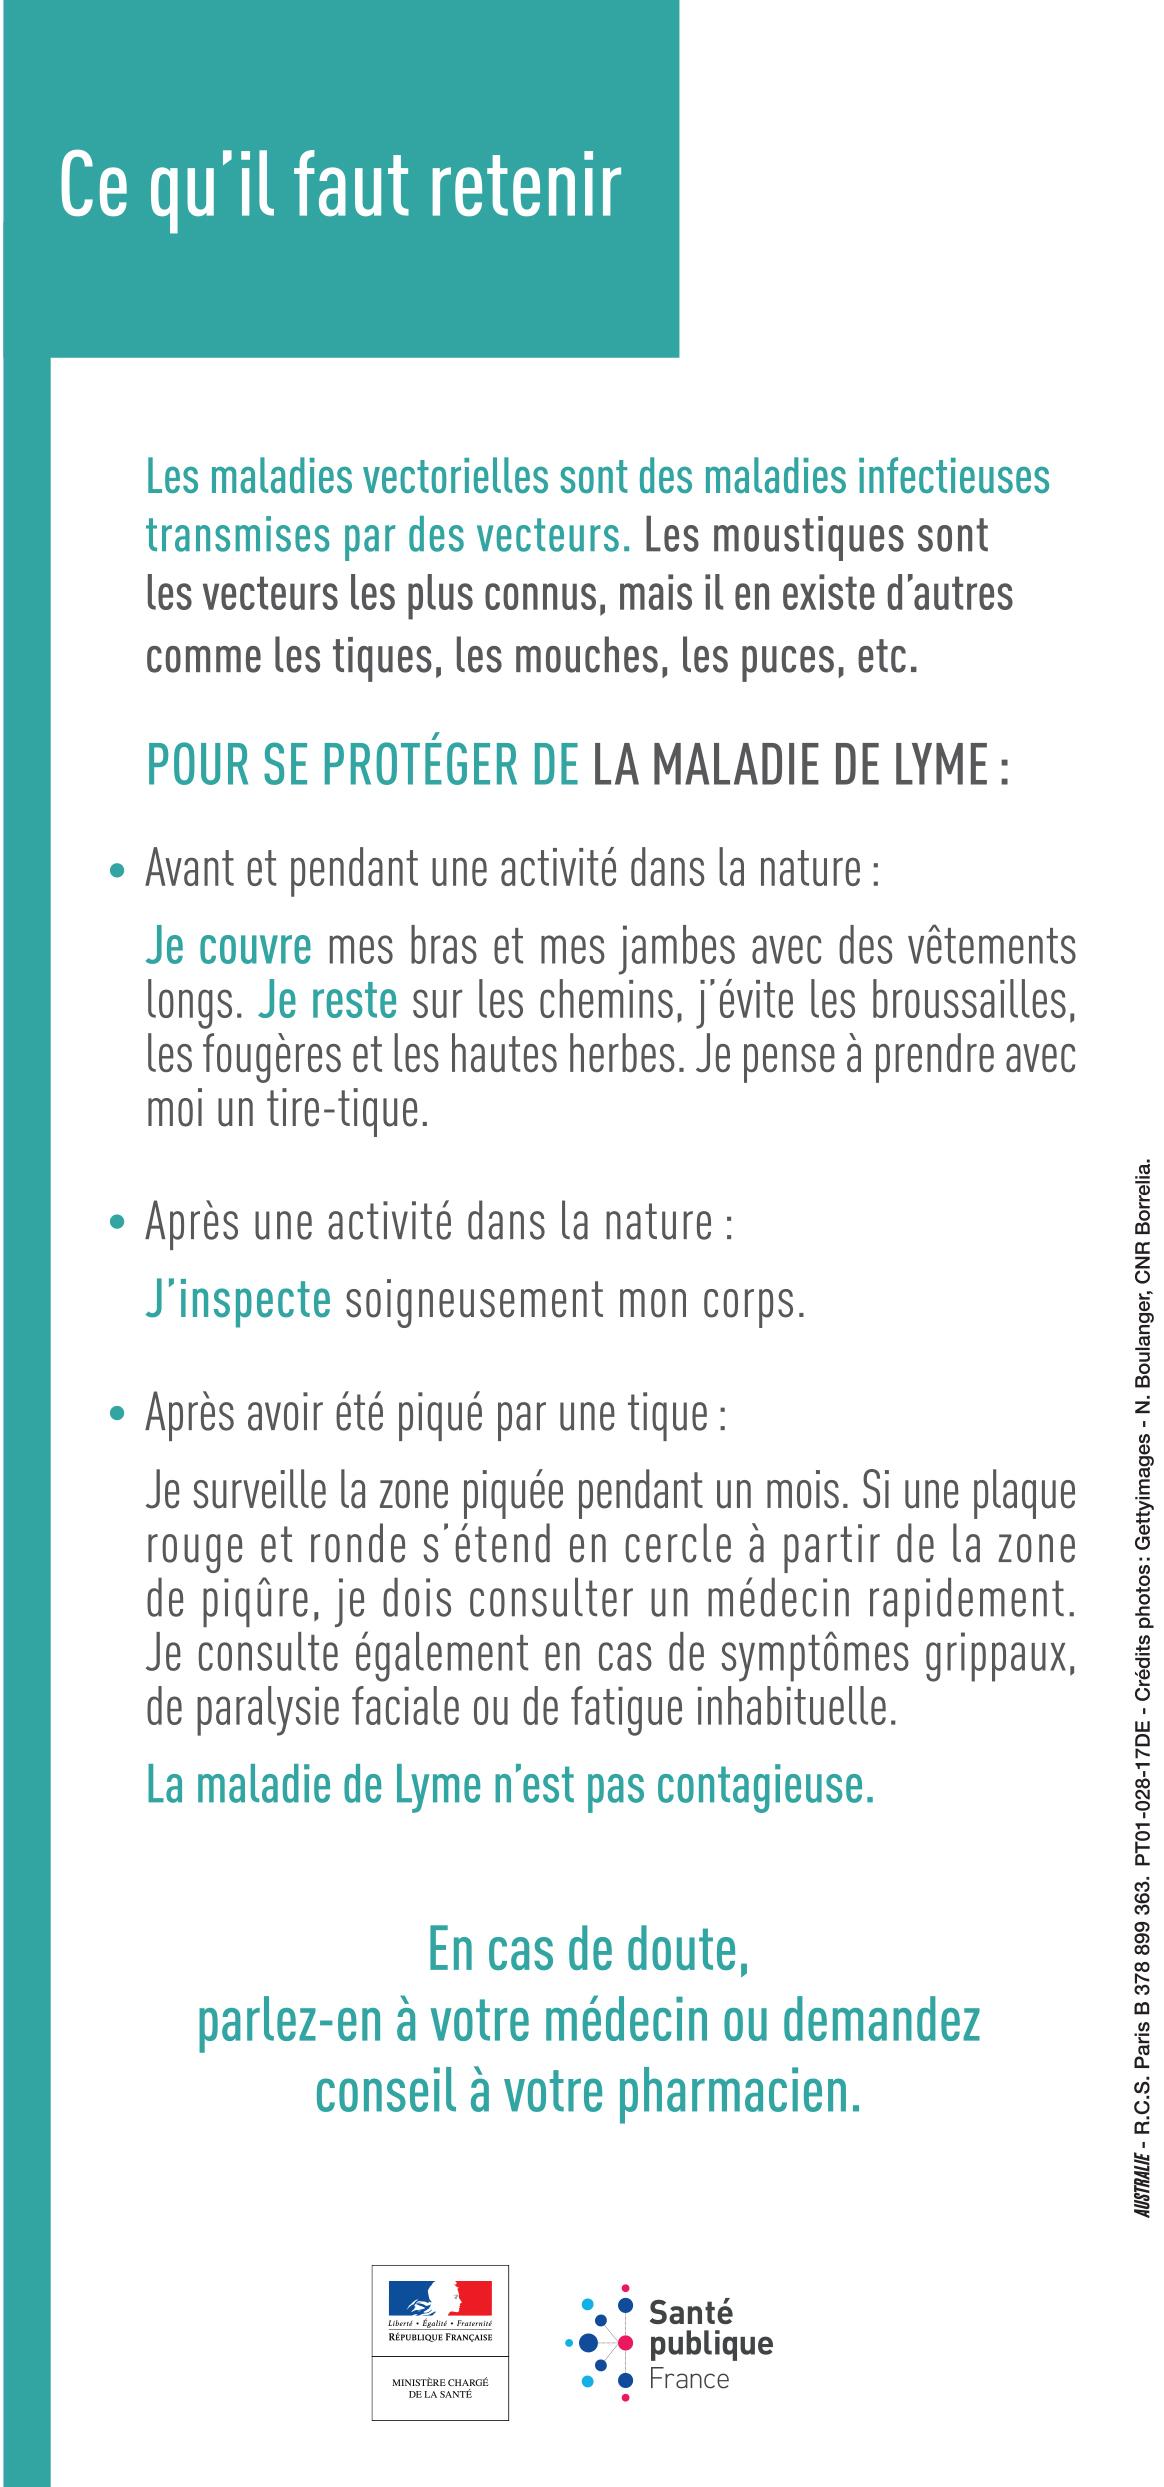 Maladie de Lyme et prévention des piqûres de tiques - déplian